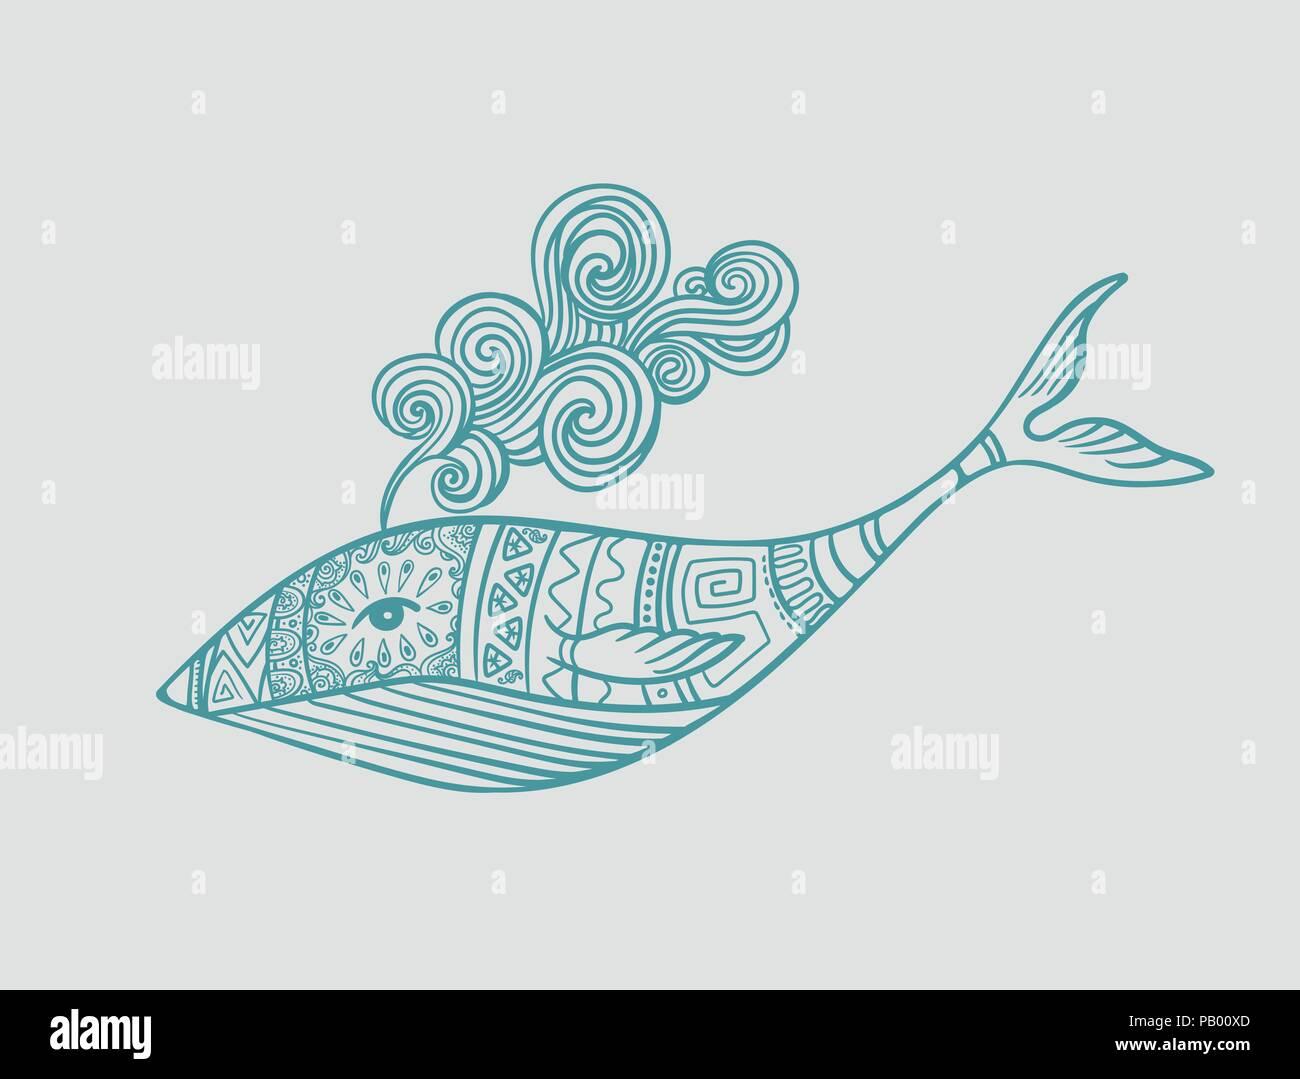 Coloriage Queue De Baleine.Des Baleines Dans Les Modeles Ornementaux Avec Vagues Fontaine Style